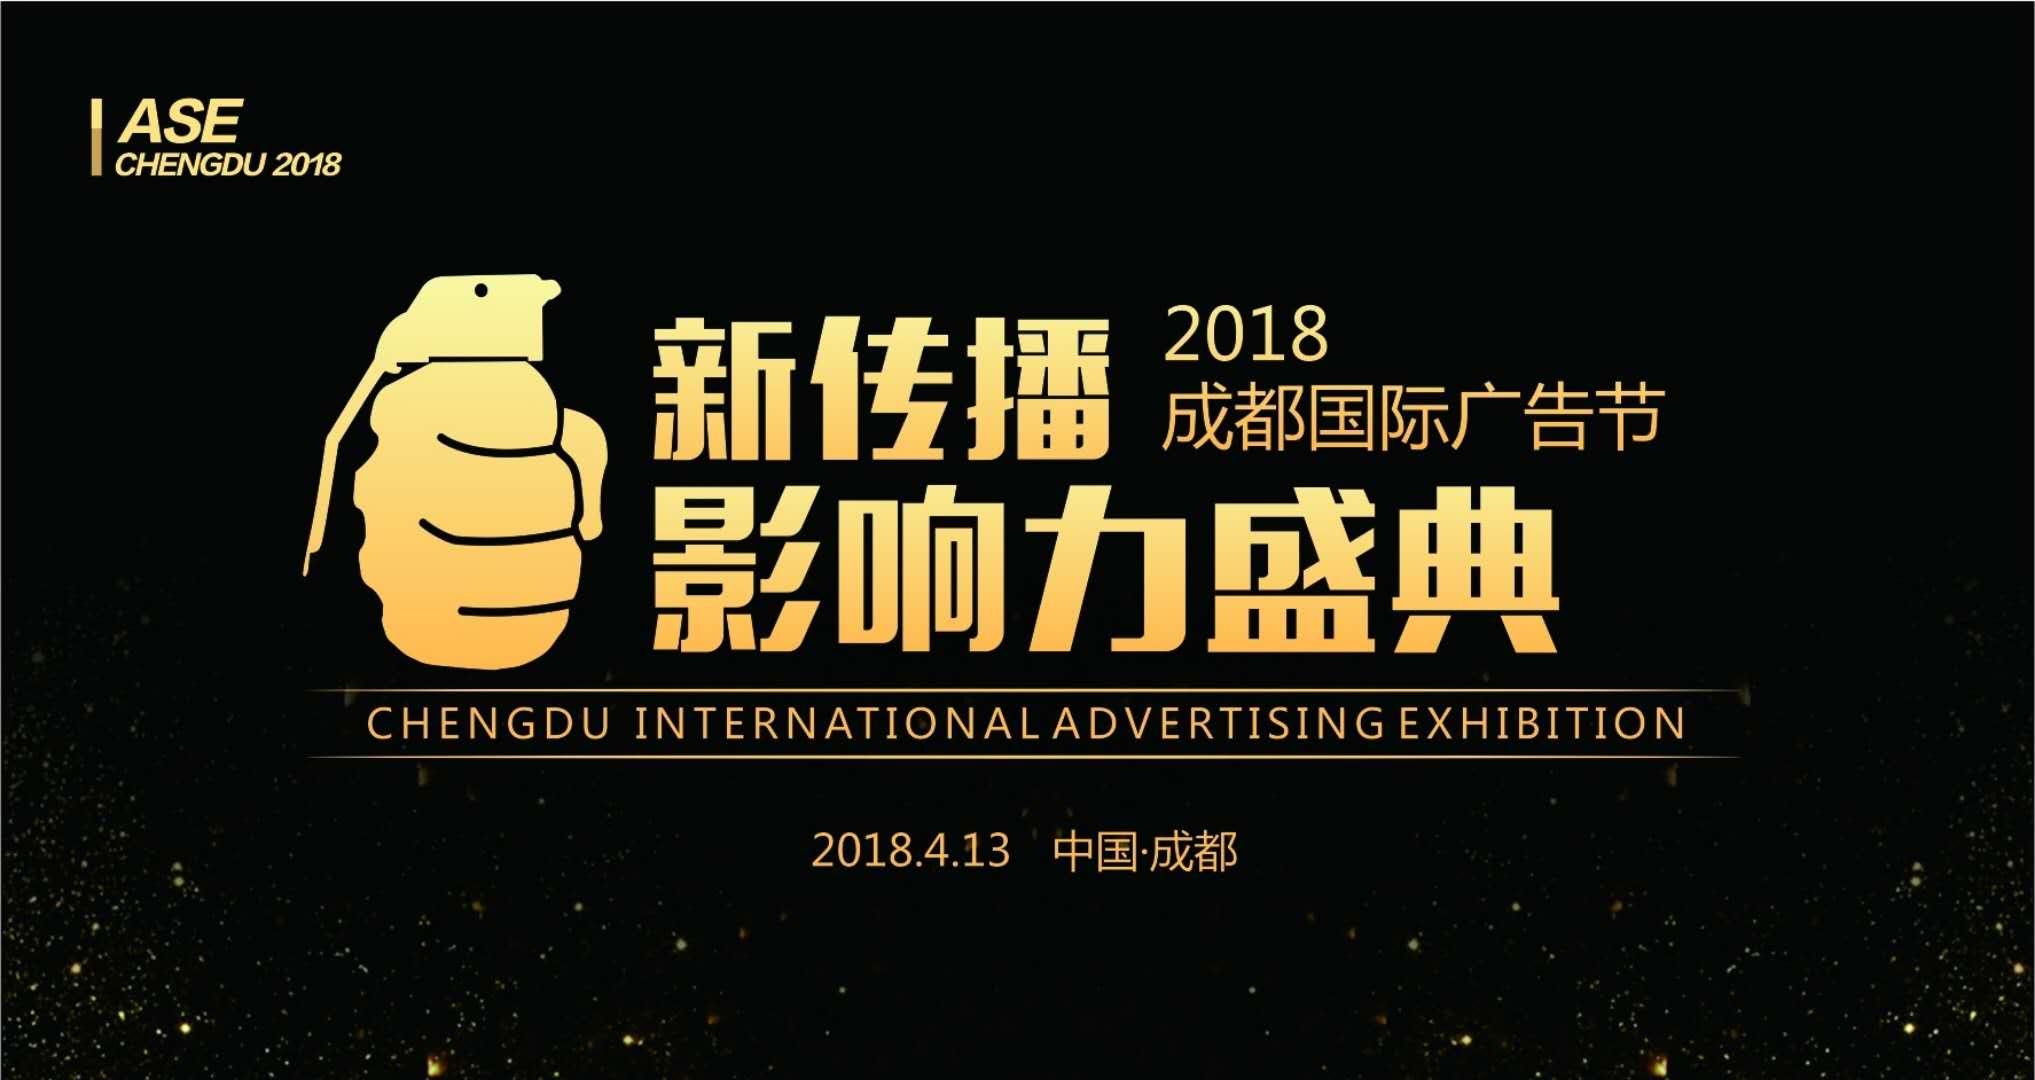 2018成都国际广告节&新传播影响力盛典顺利举行!